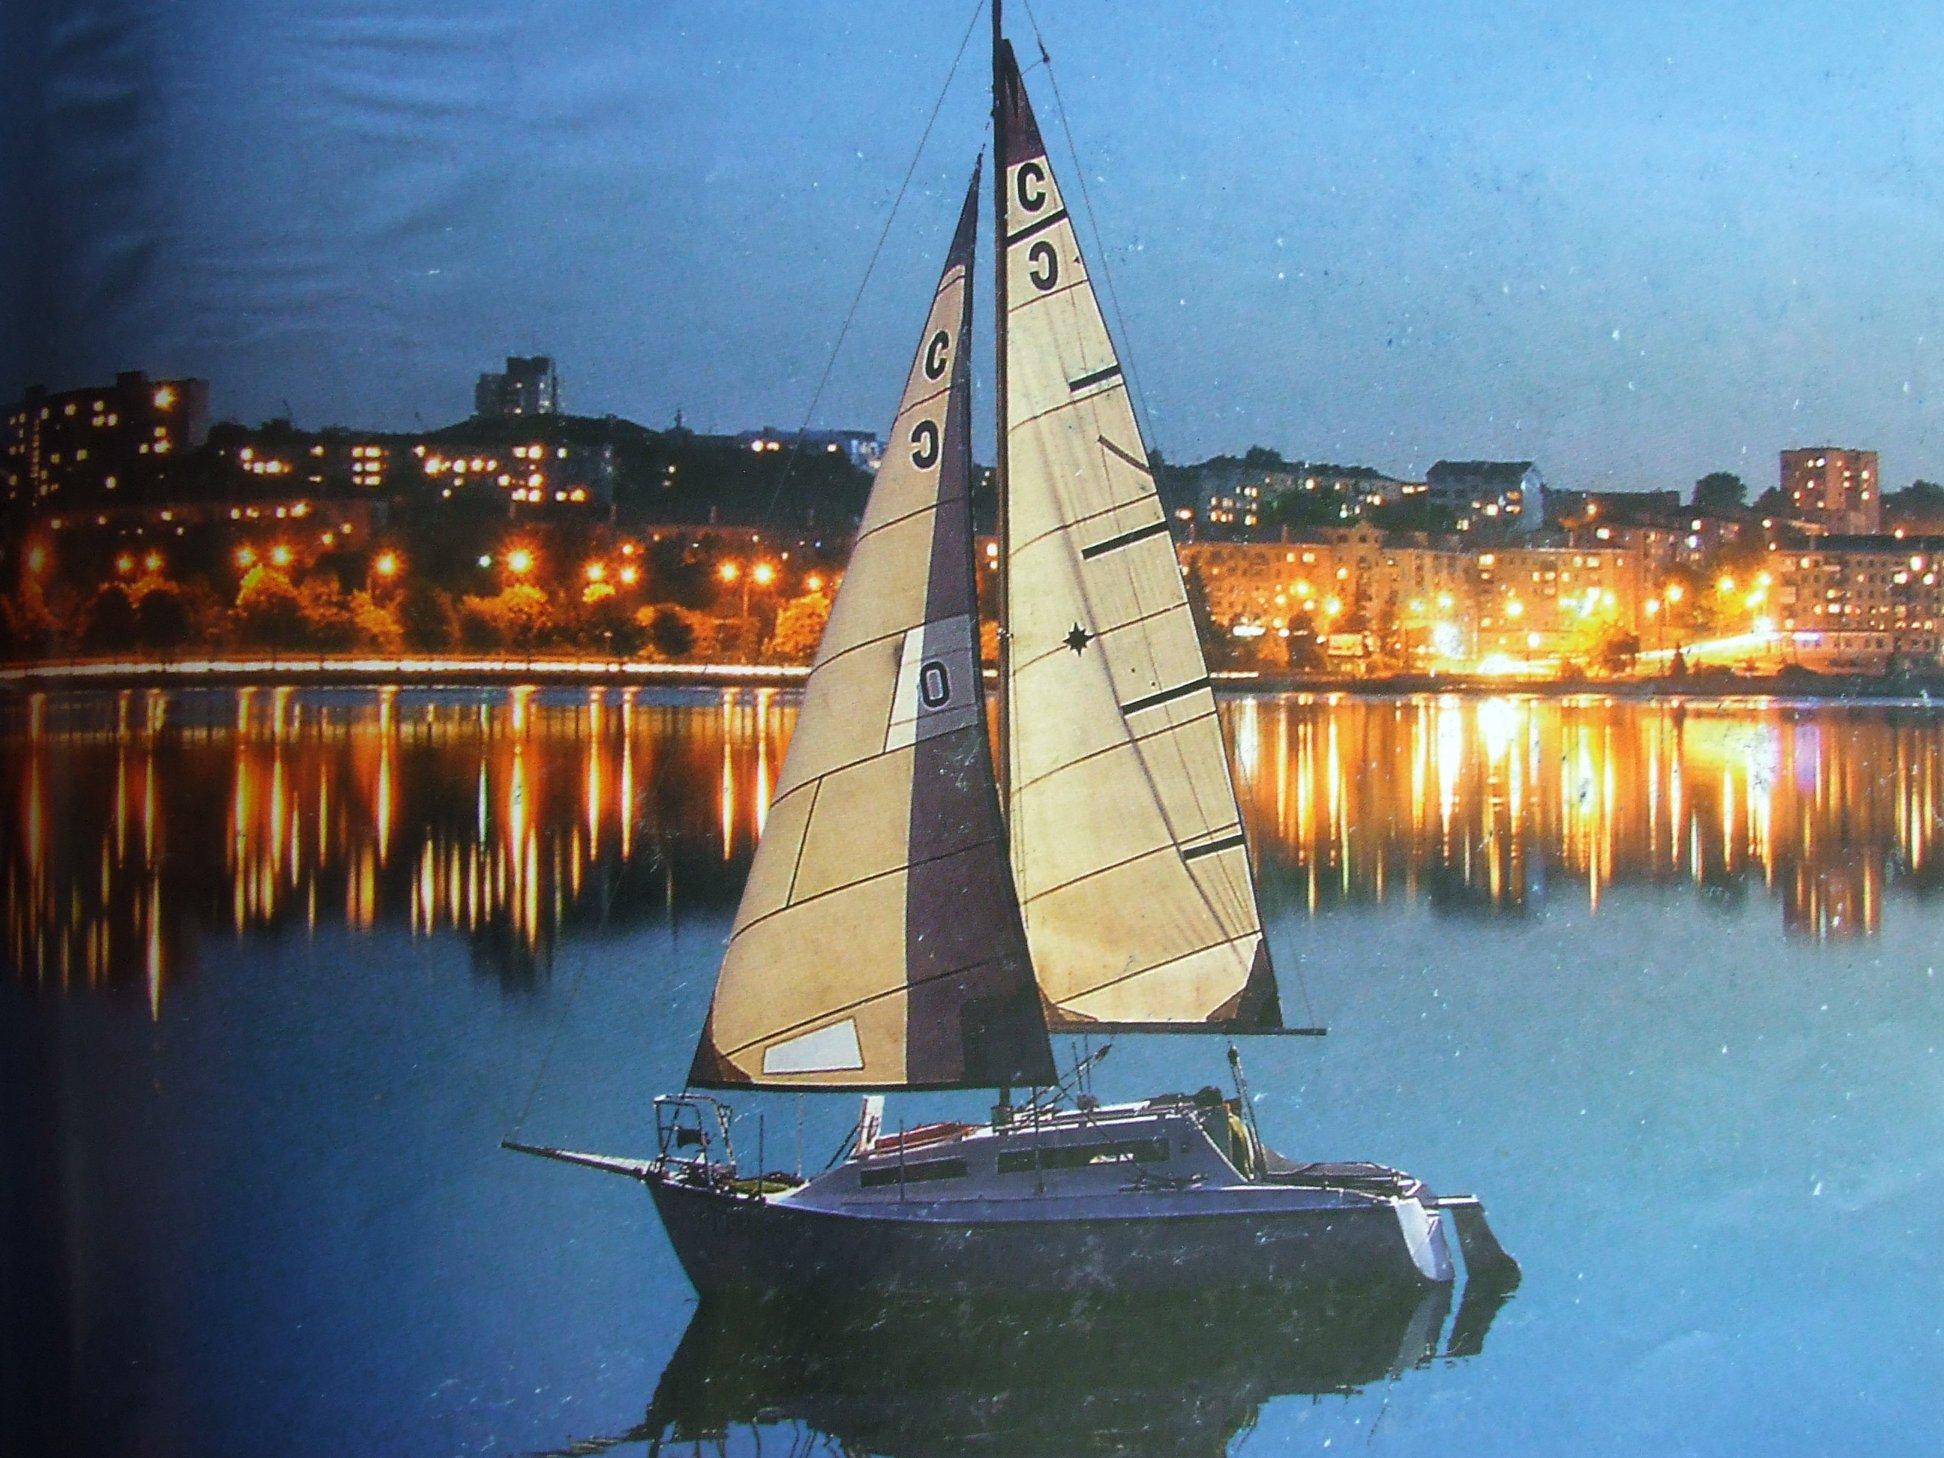 Продається багаторічний символ Тернополя